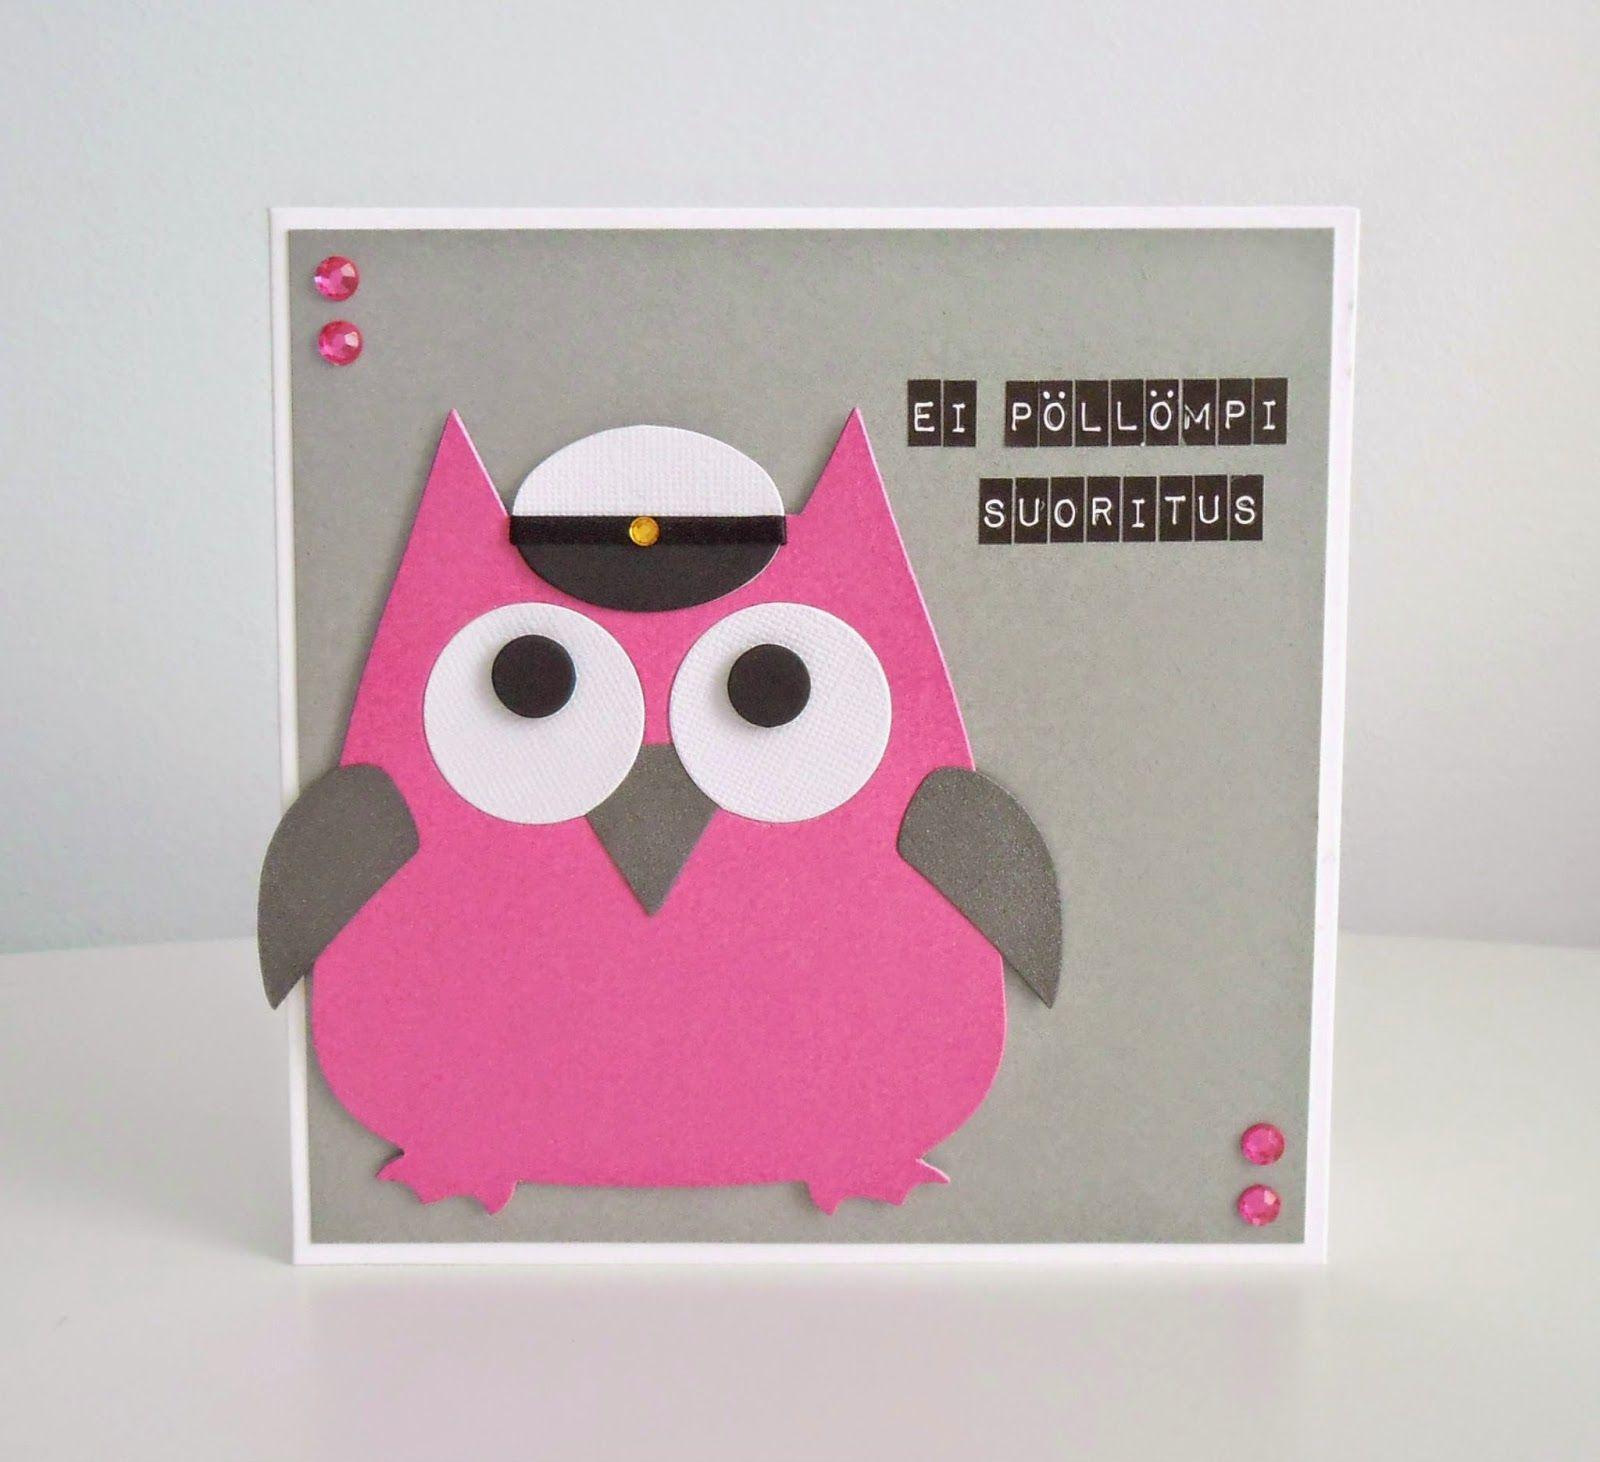 annan aarteet: ei pöllömpi suoritus eli pöllö-aiheiset yo-kortit